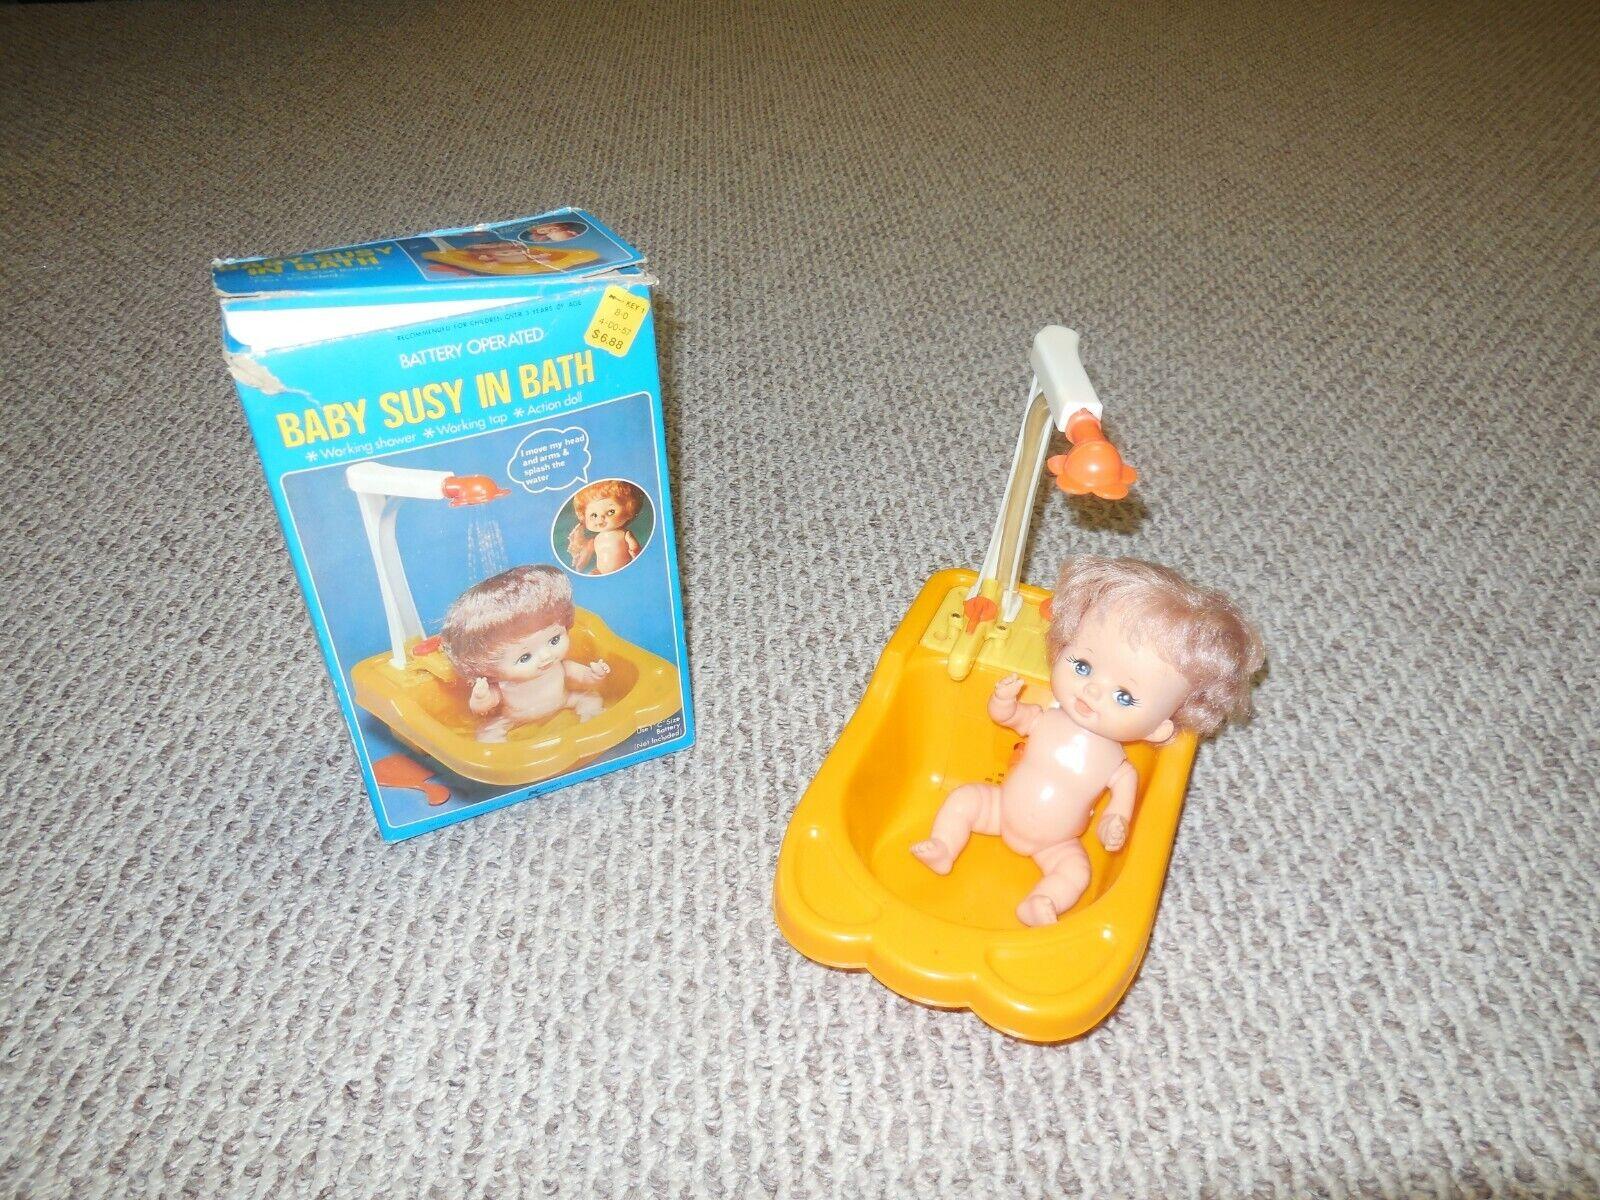 Jahr Baby Susy In Bath